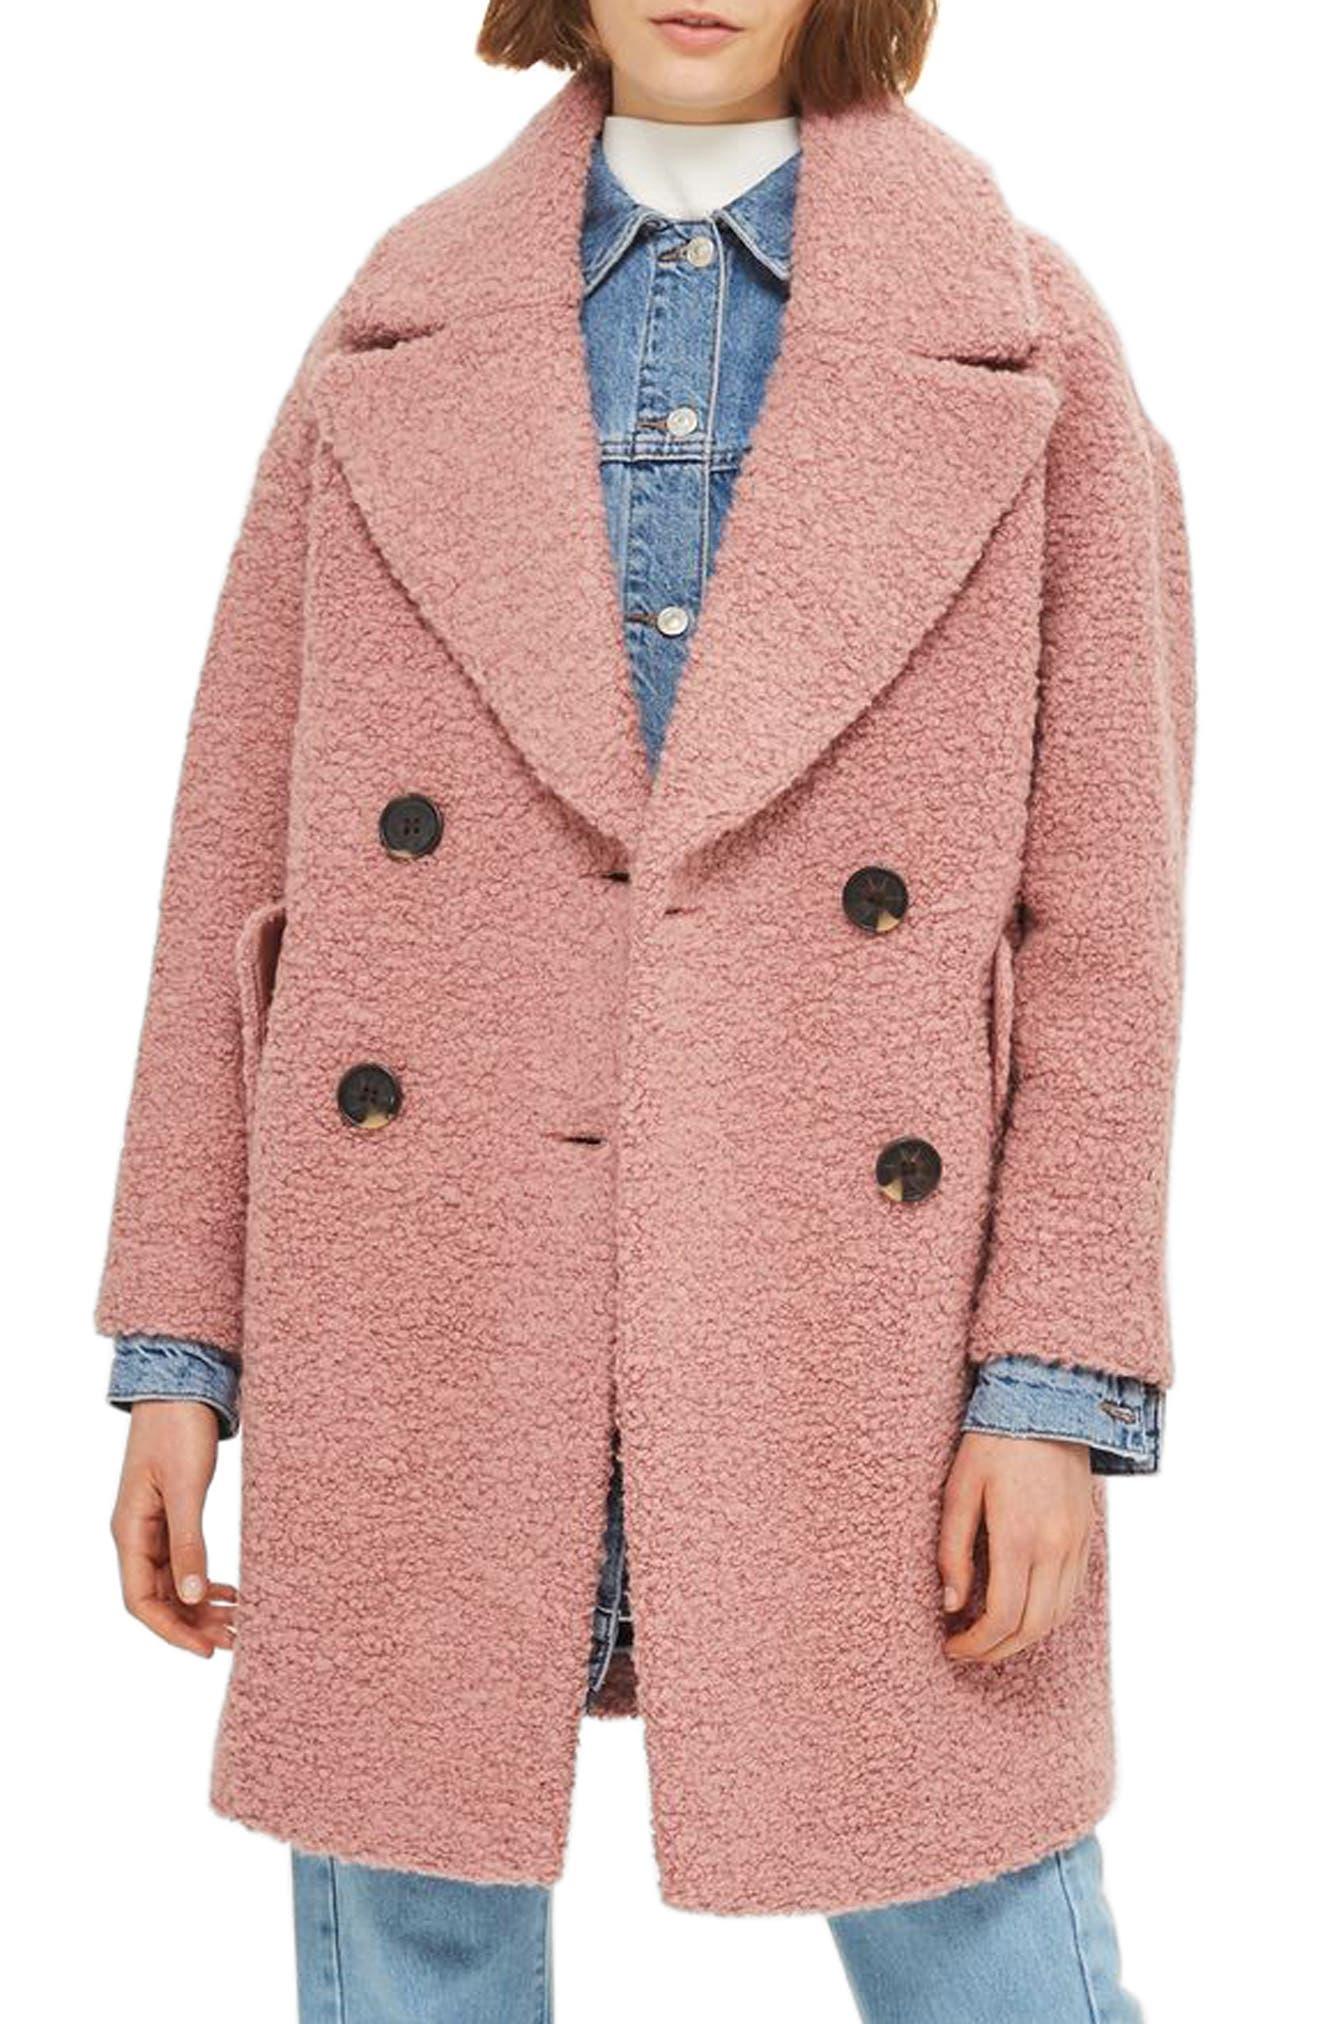 Topshop Alicia Bouclé Slouch Coat